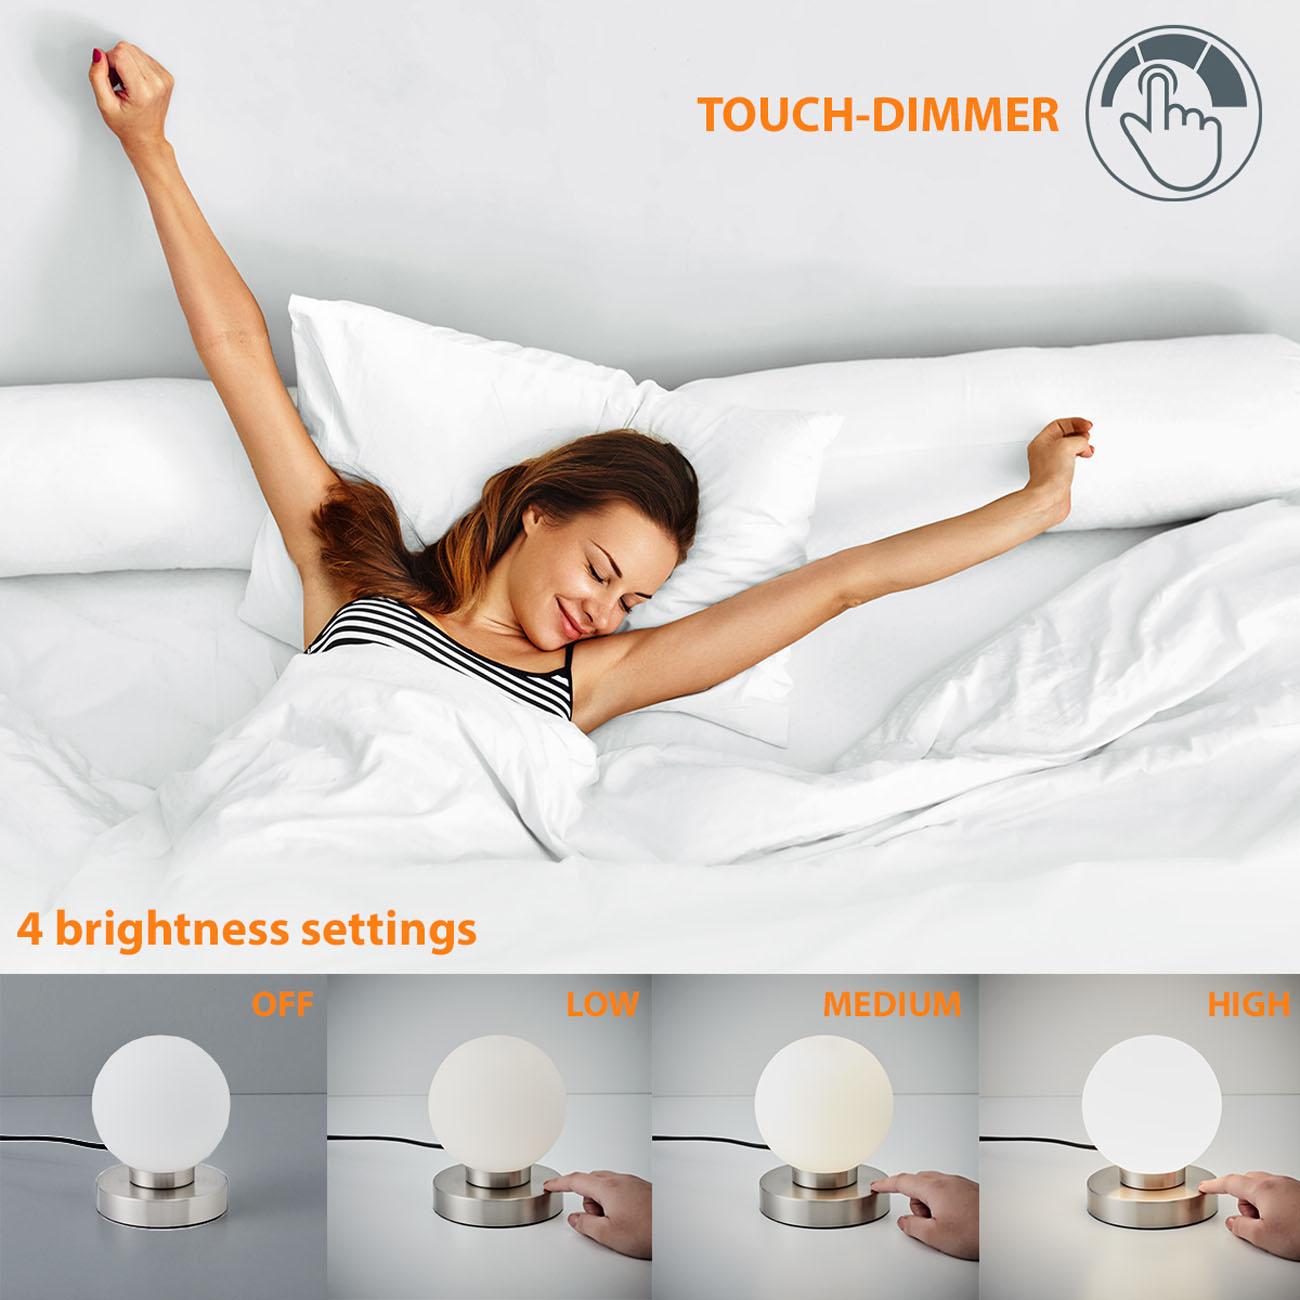 Nachttischlampe mit Touchdimmer Kugel - 7